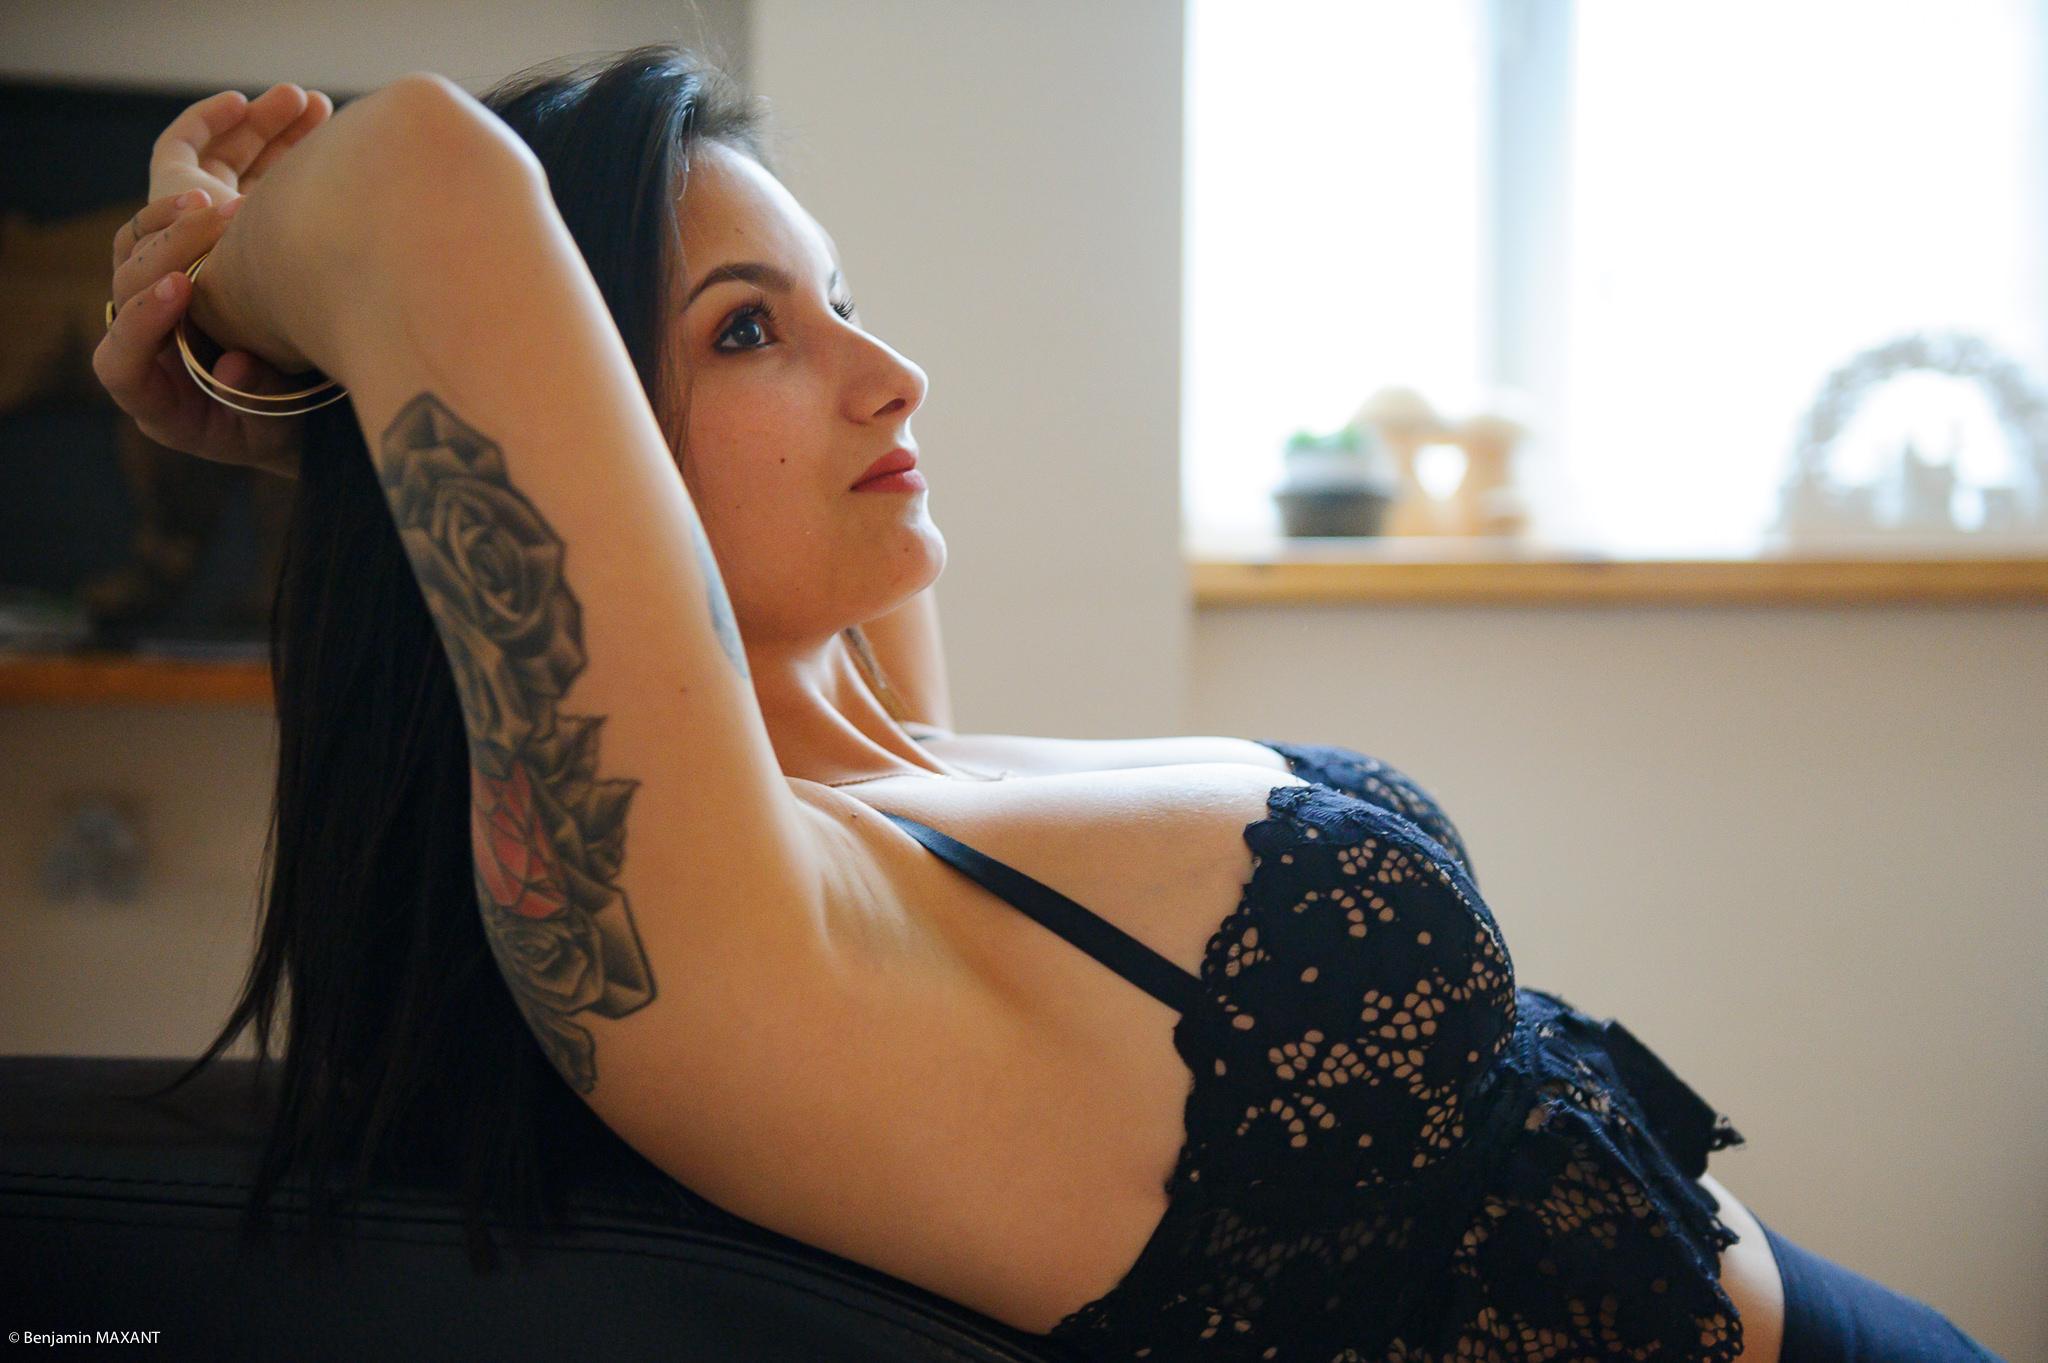 Séance photo boudoir au lingerie noire alongée sur canapé